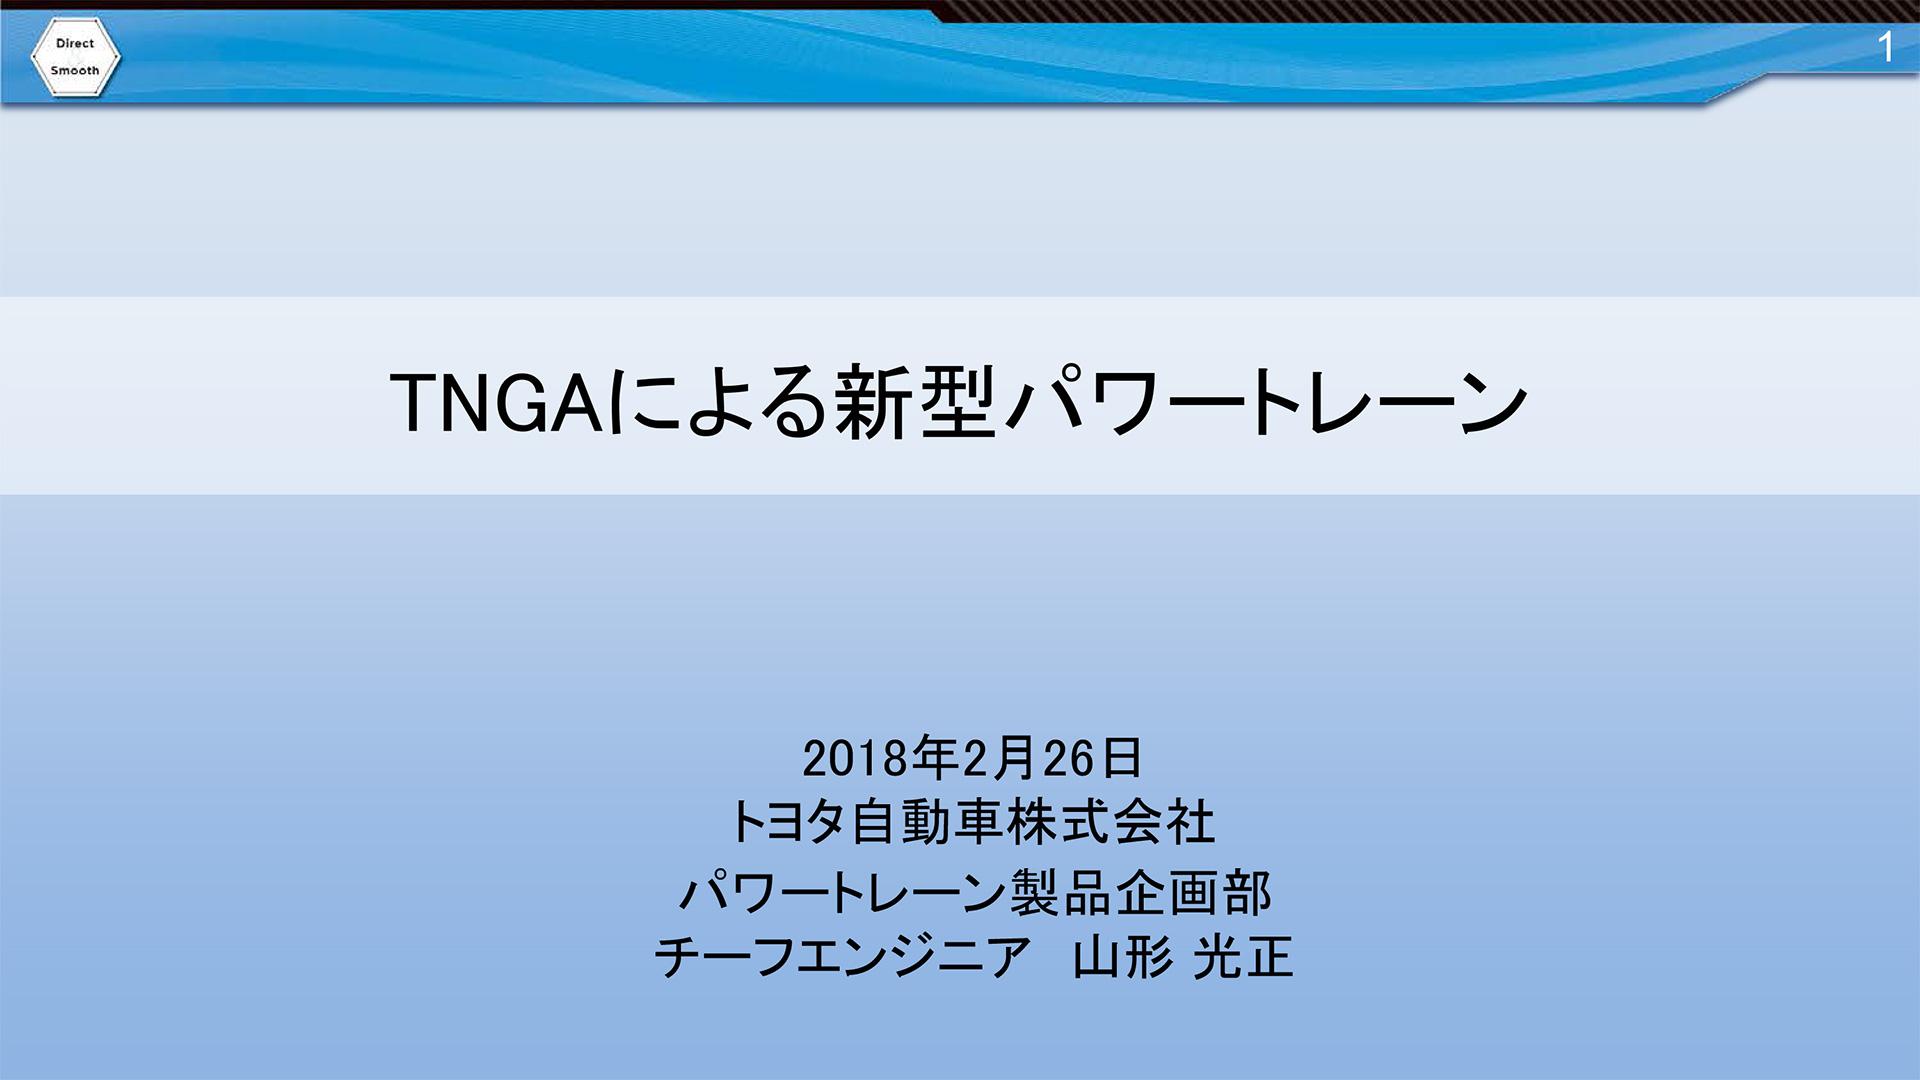 TNGAによる新型パワートレーン